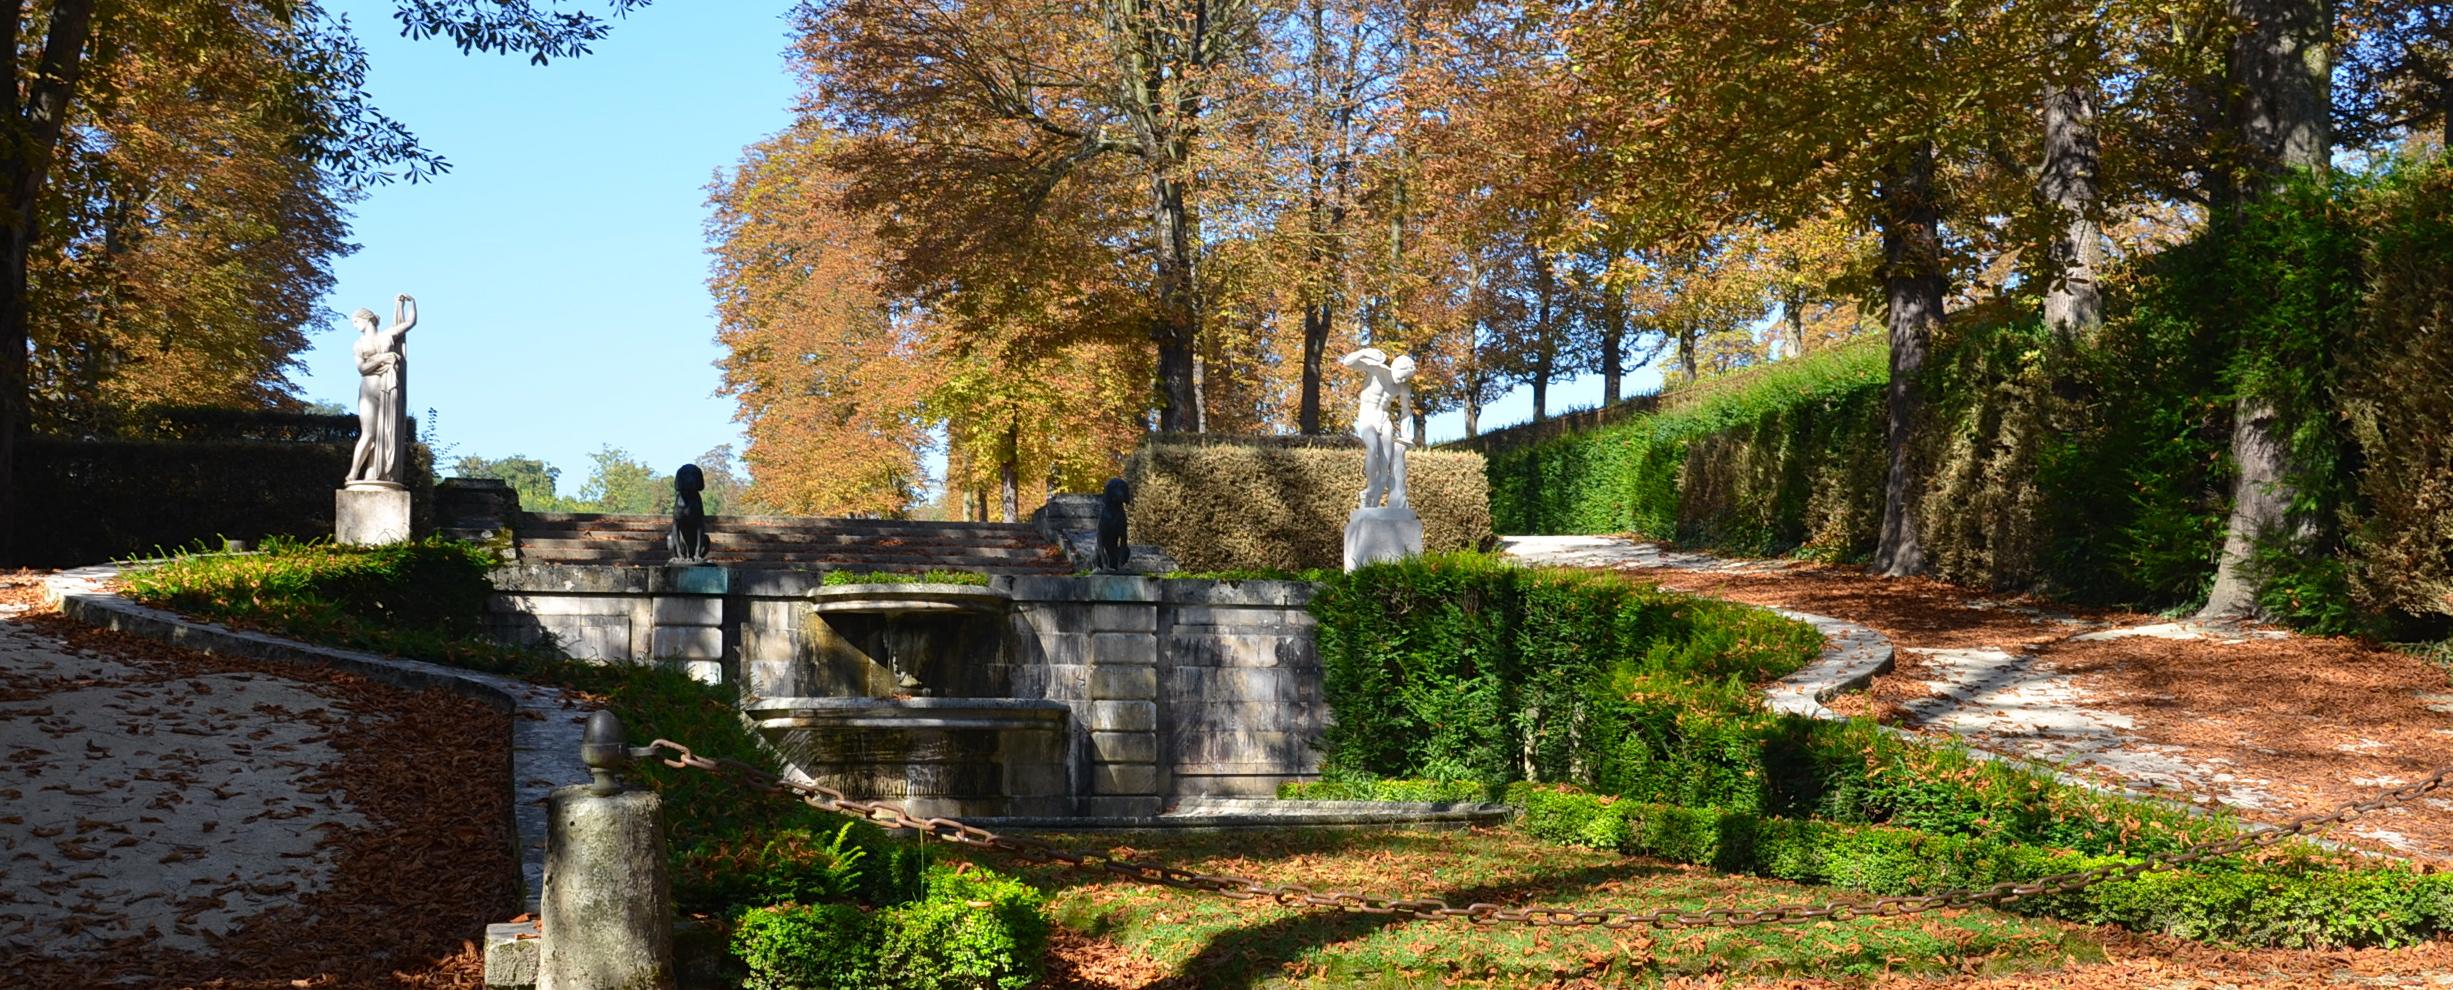 Domaine et Parc de Saint-Cloud